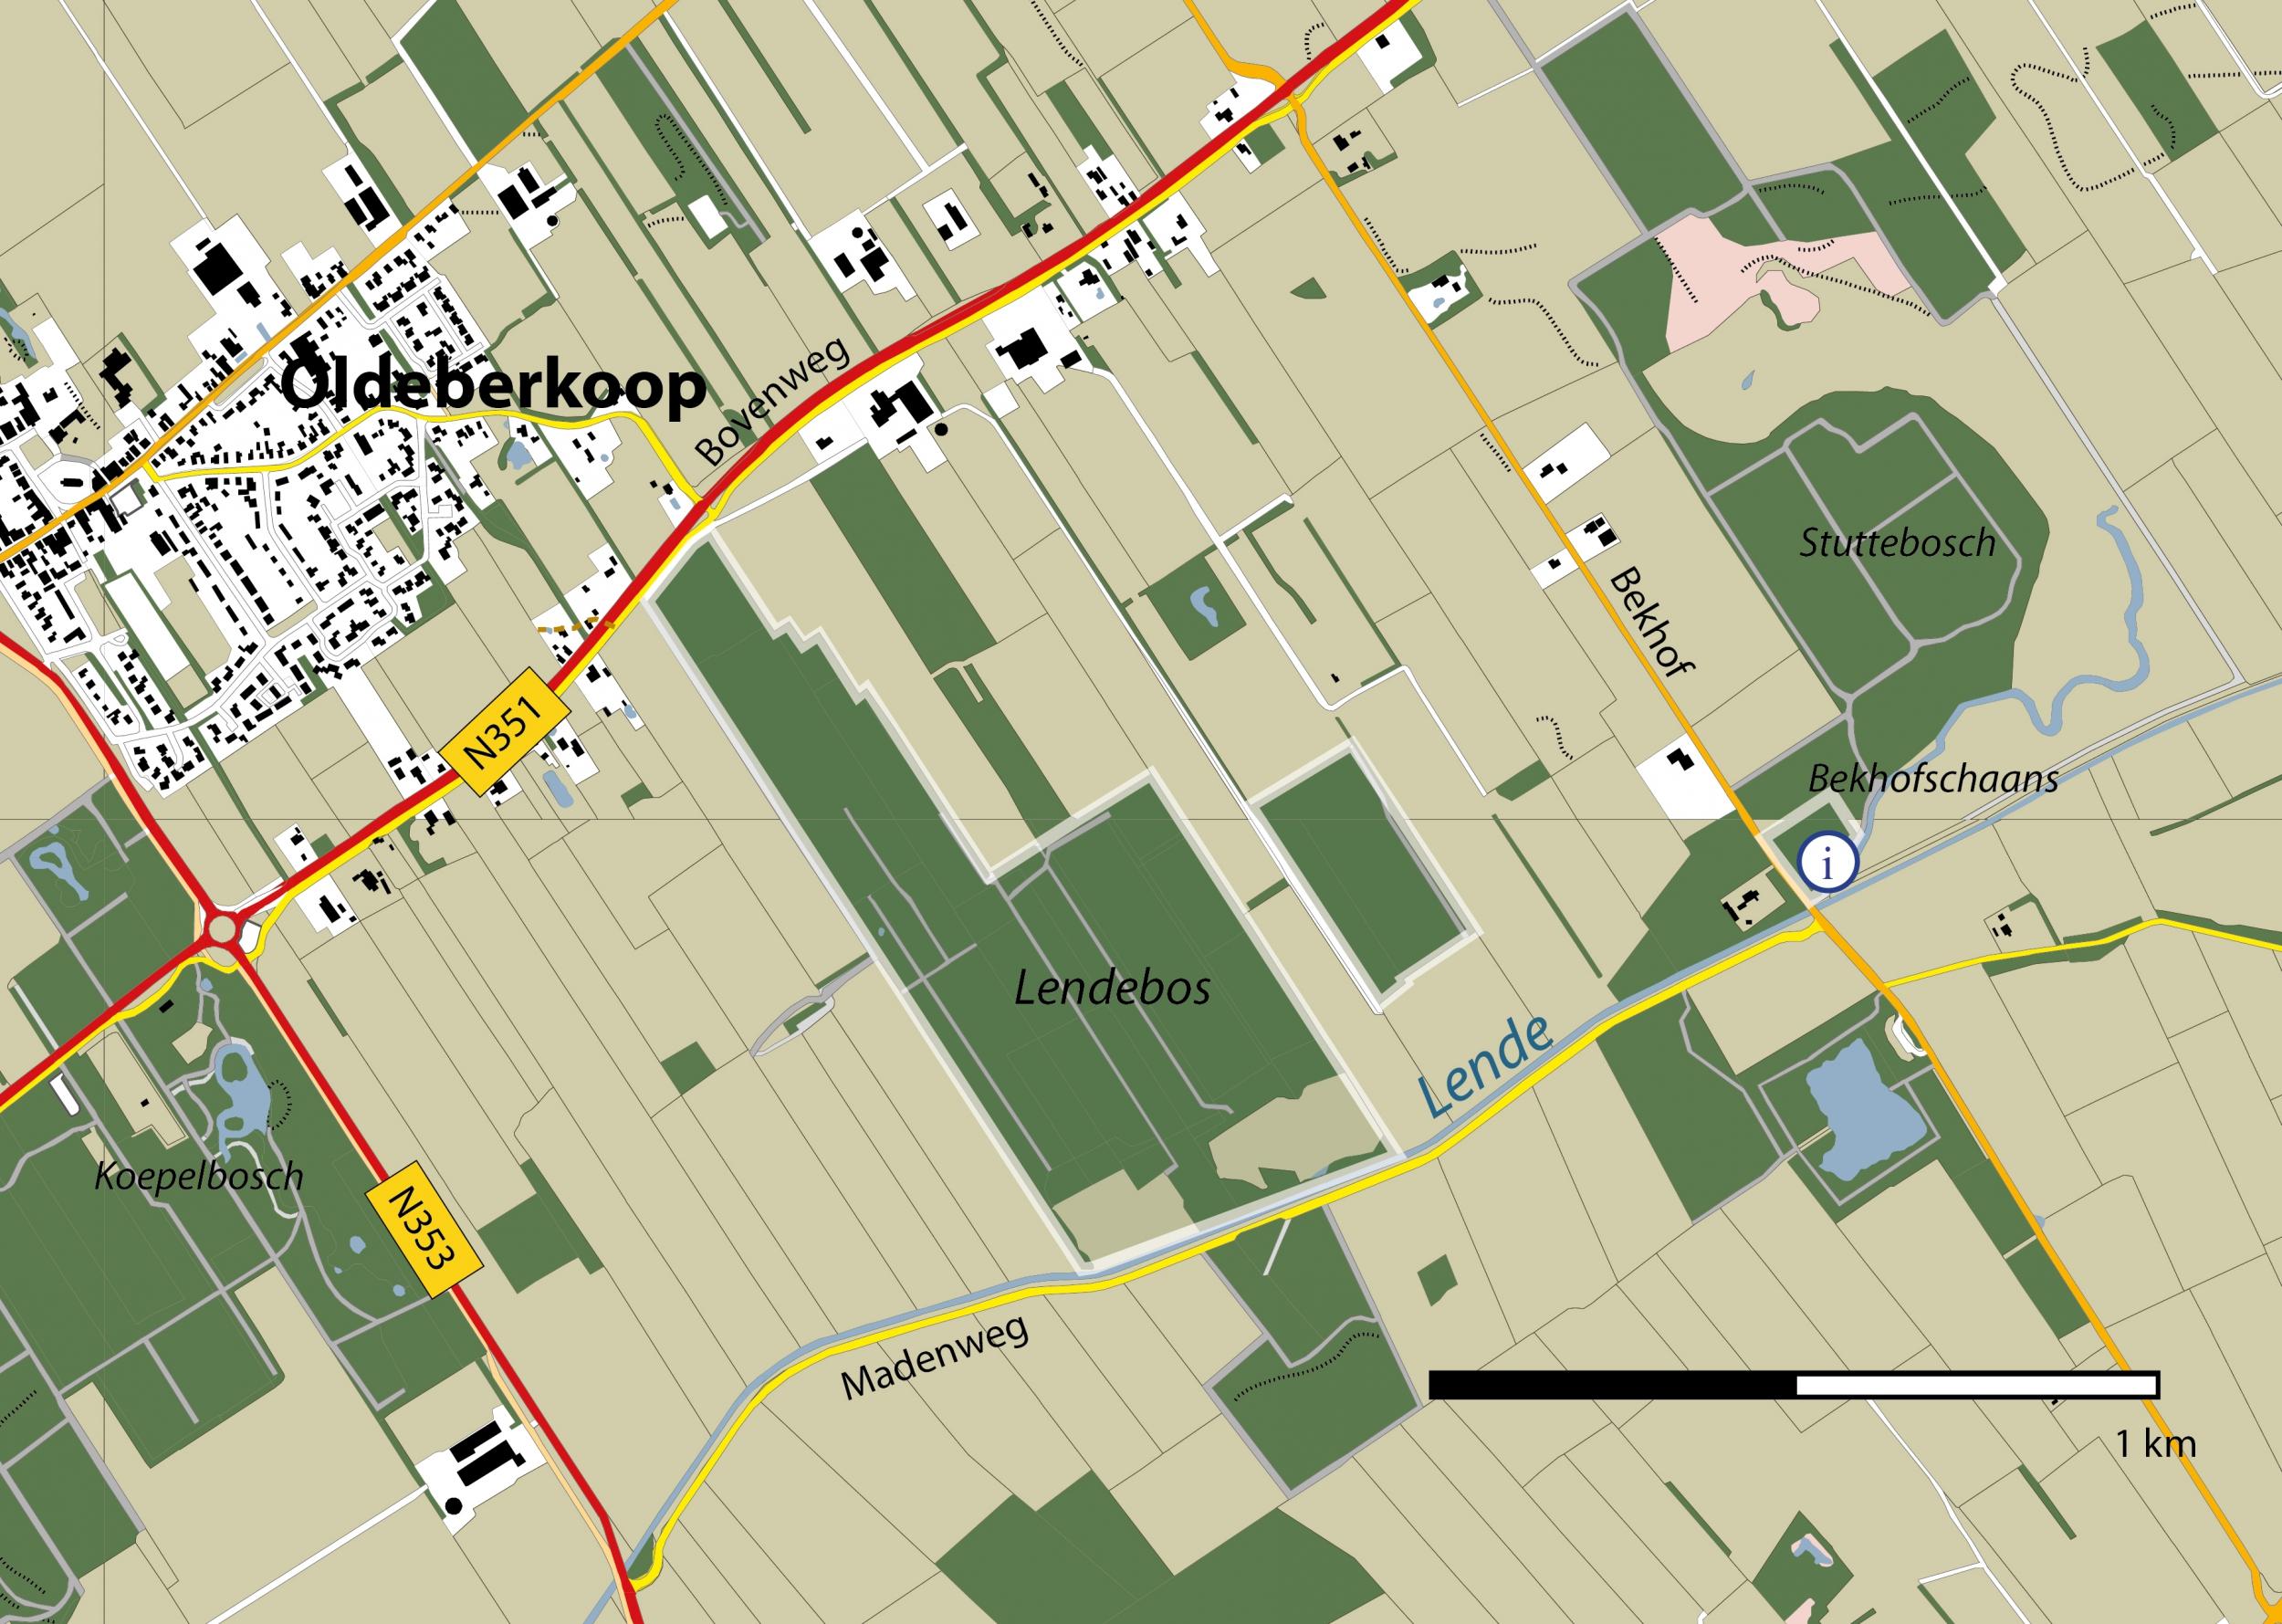 Gebiedskaart Bekhofschaans en Lendebos